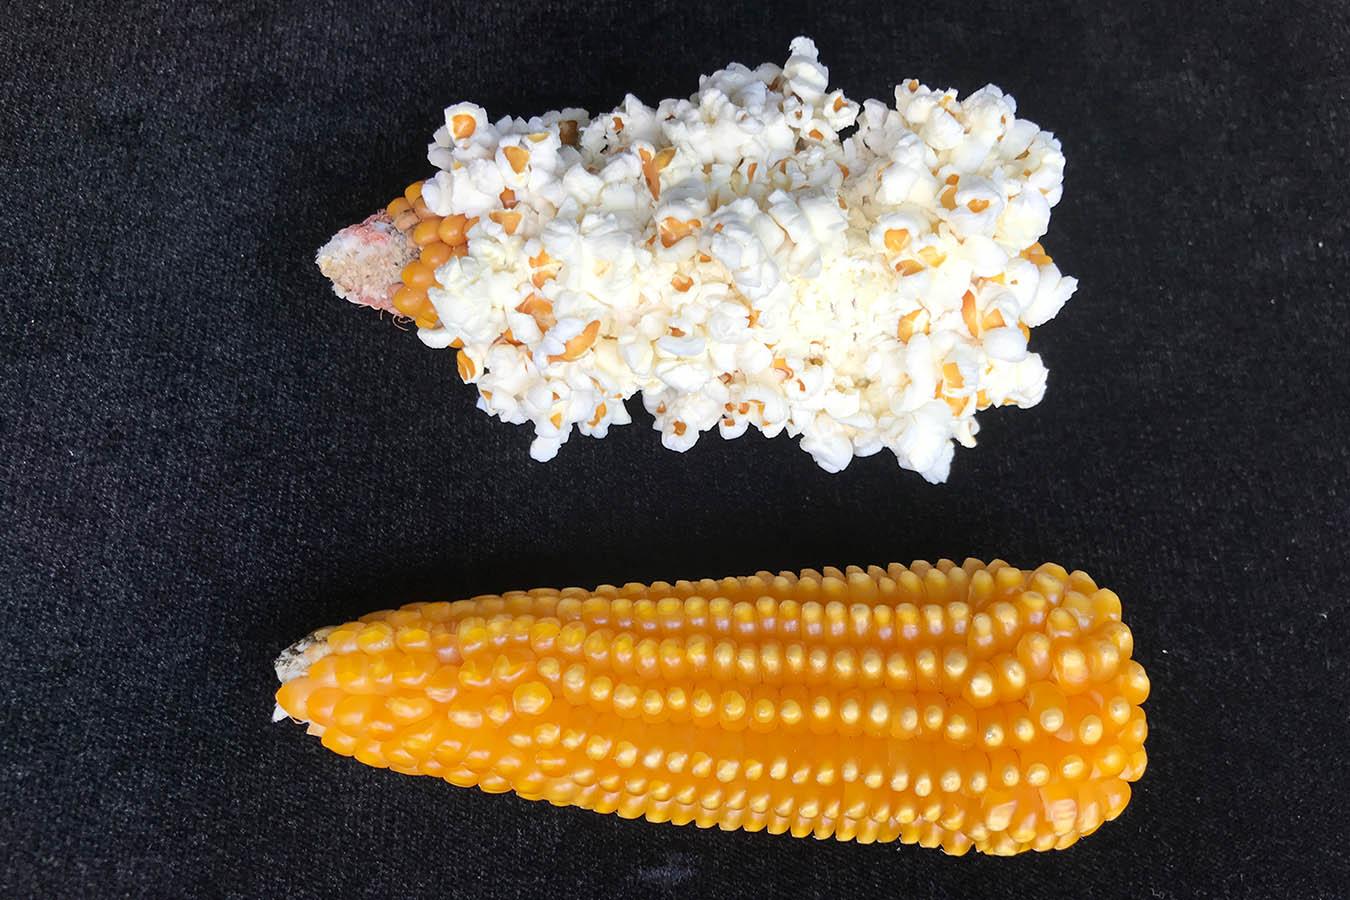 palomero toluqueño tipos de maiz maiz palomero palomitas de maiz maiz criollo maiz mexicano tipos de maiz